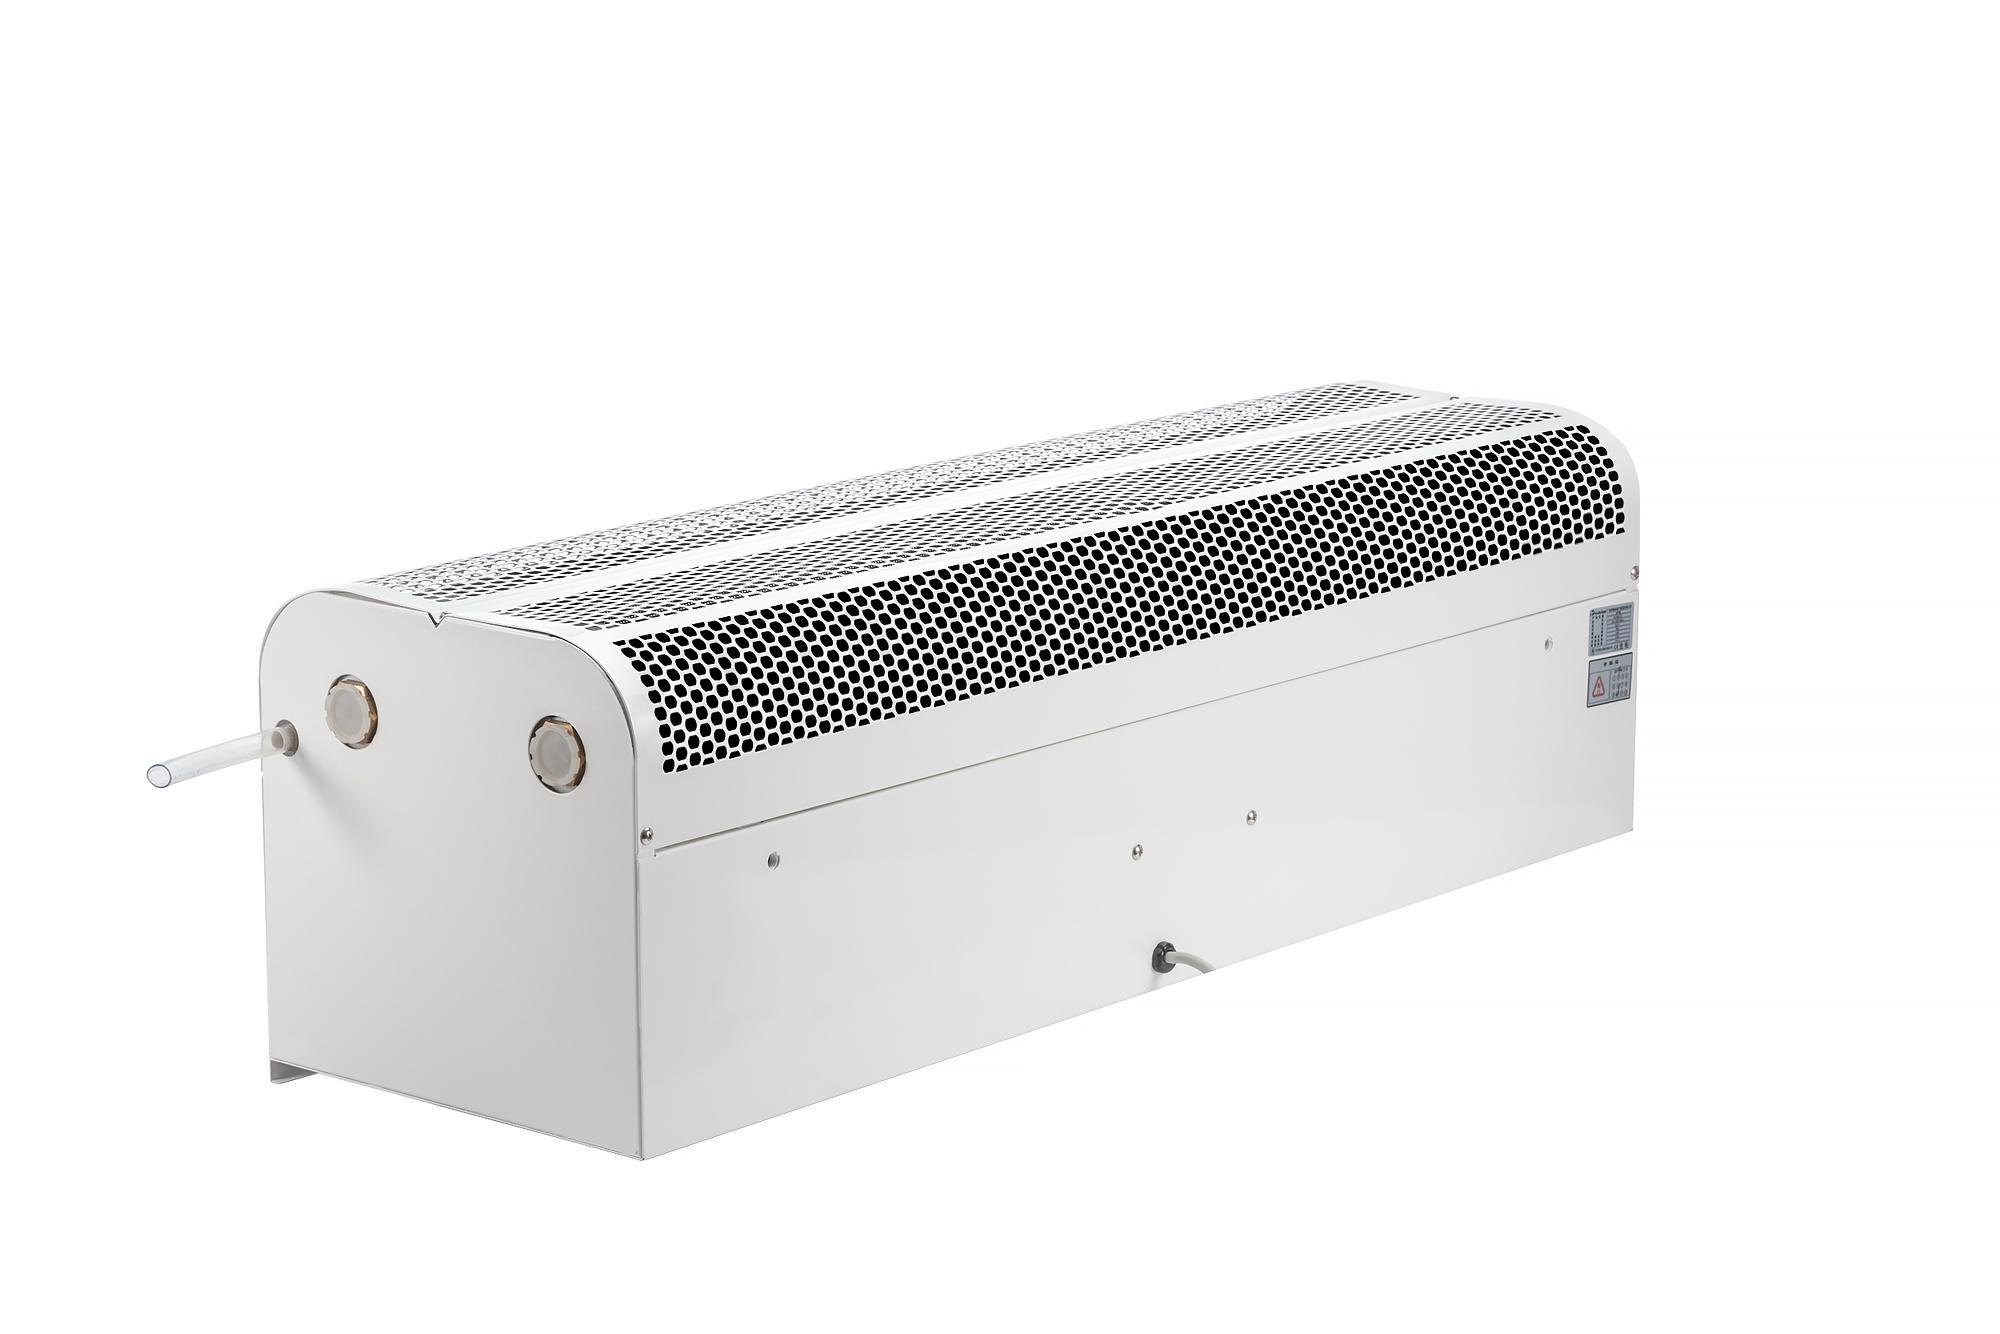 西奥多风幕机RM-3509-S水暖风冷热 4